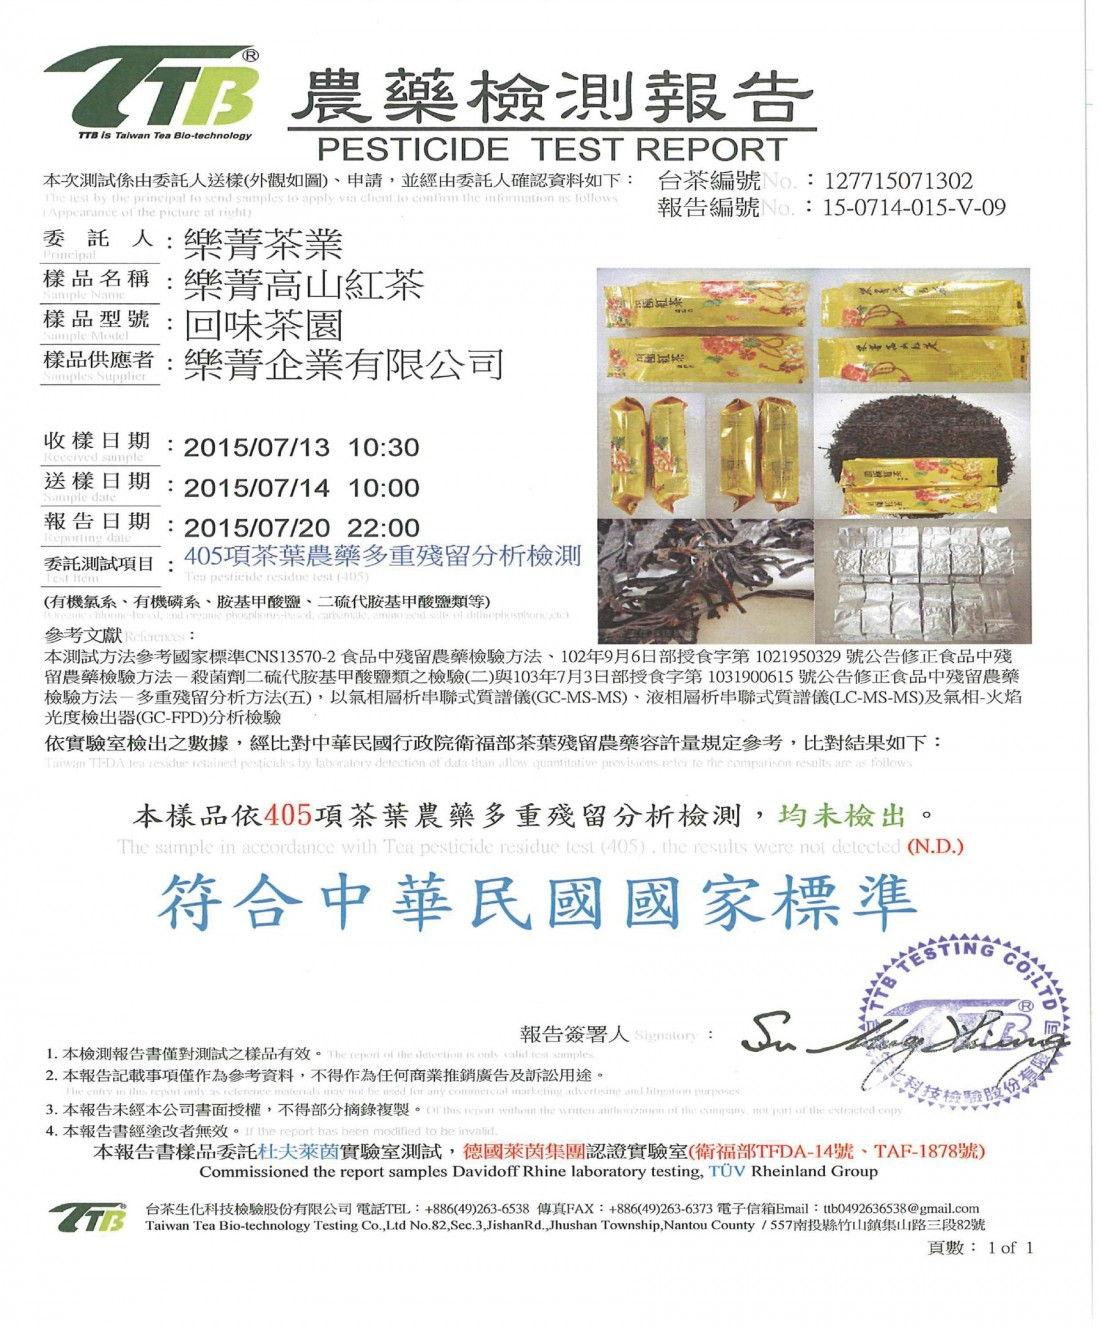 樂菁高山紅茶-茶葉無農藥殘留檢驗報告